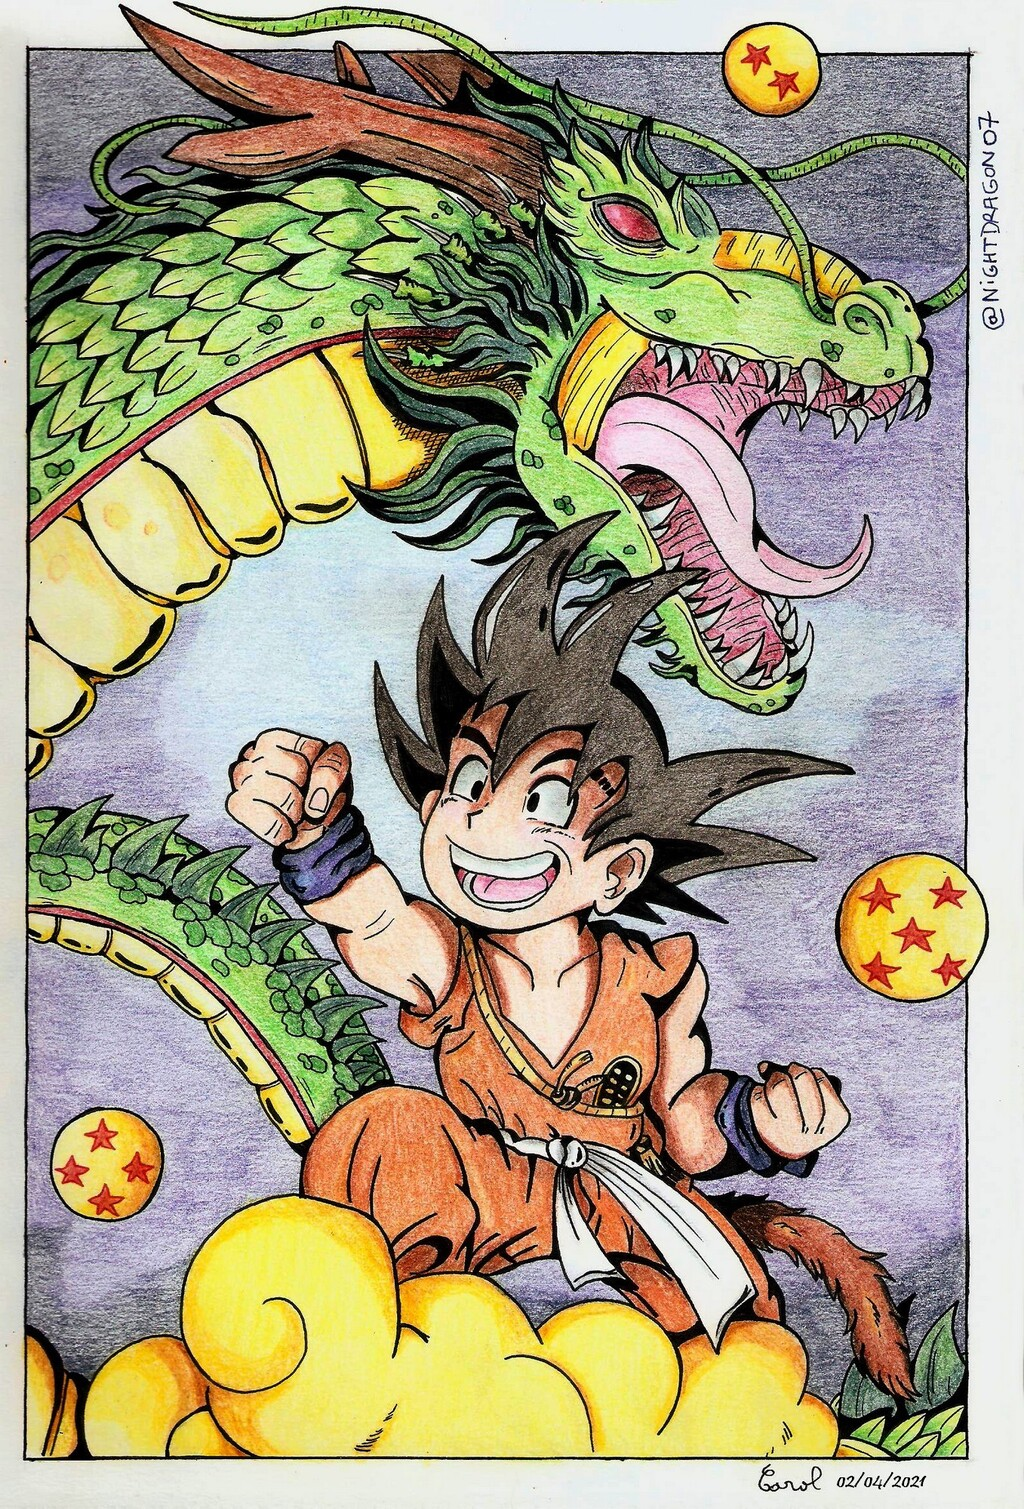 [Gift] Goku and Shenron